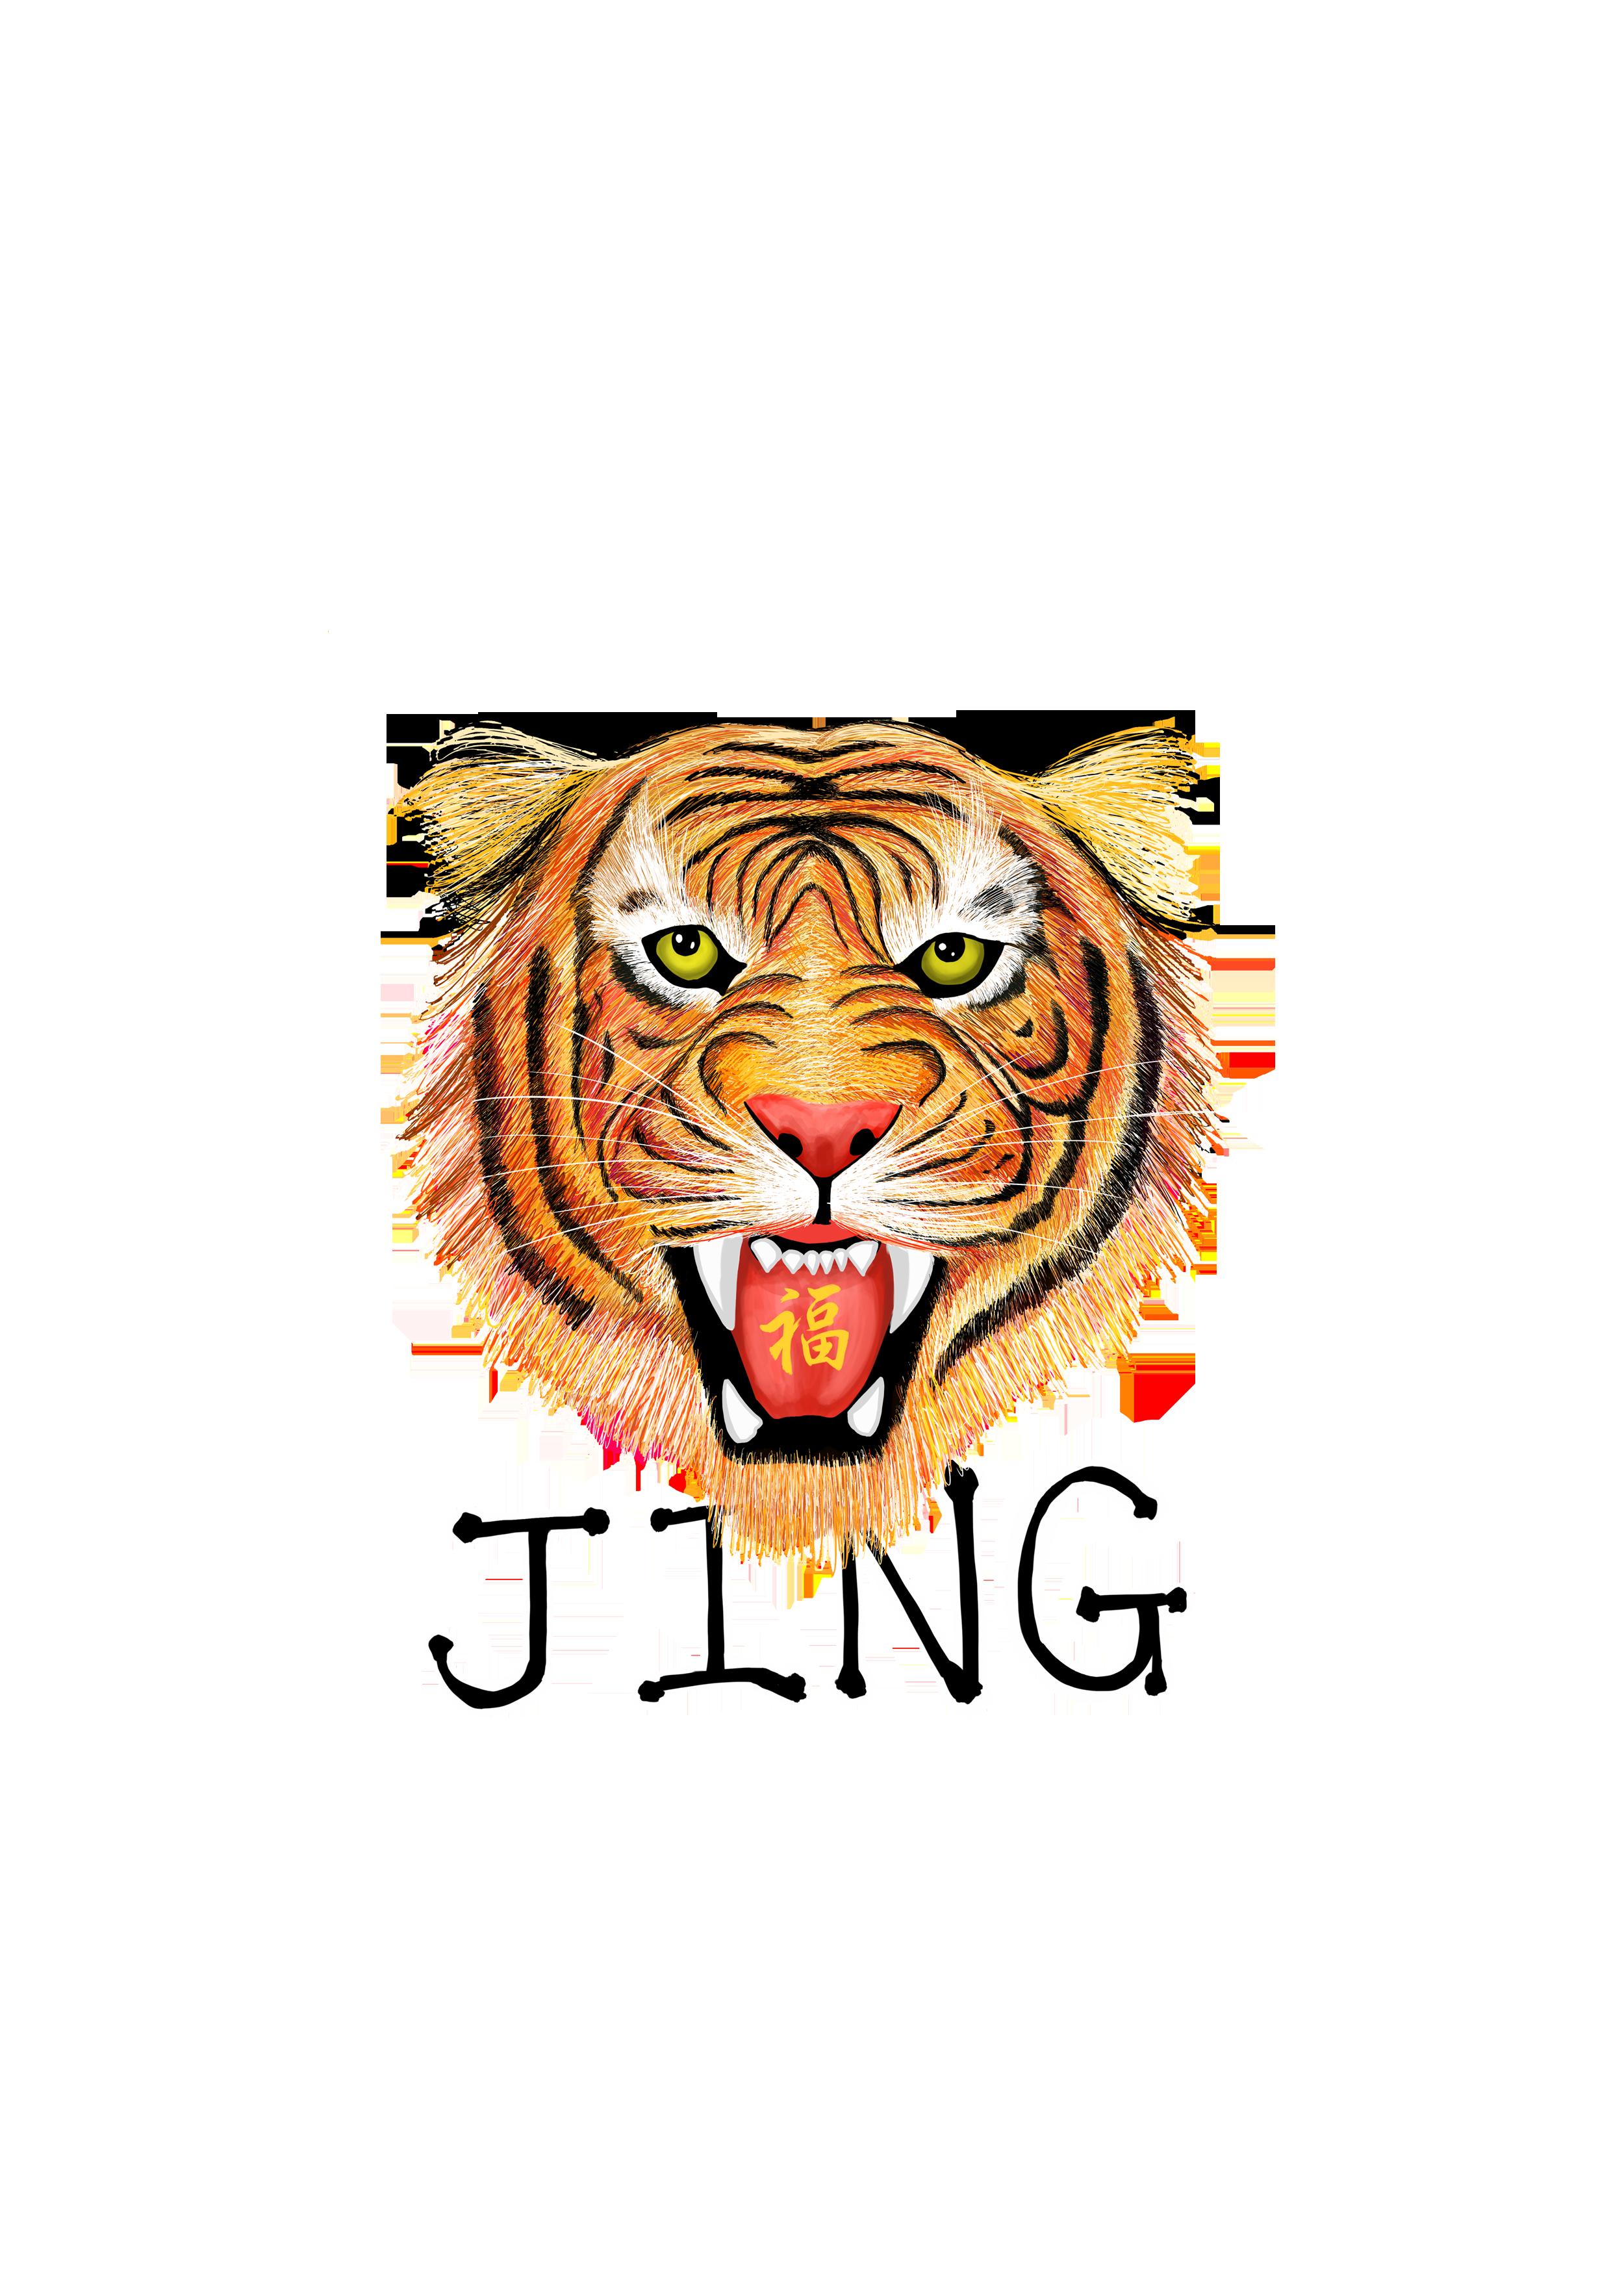 JINGTIGER.png